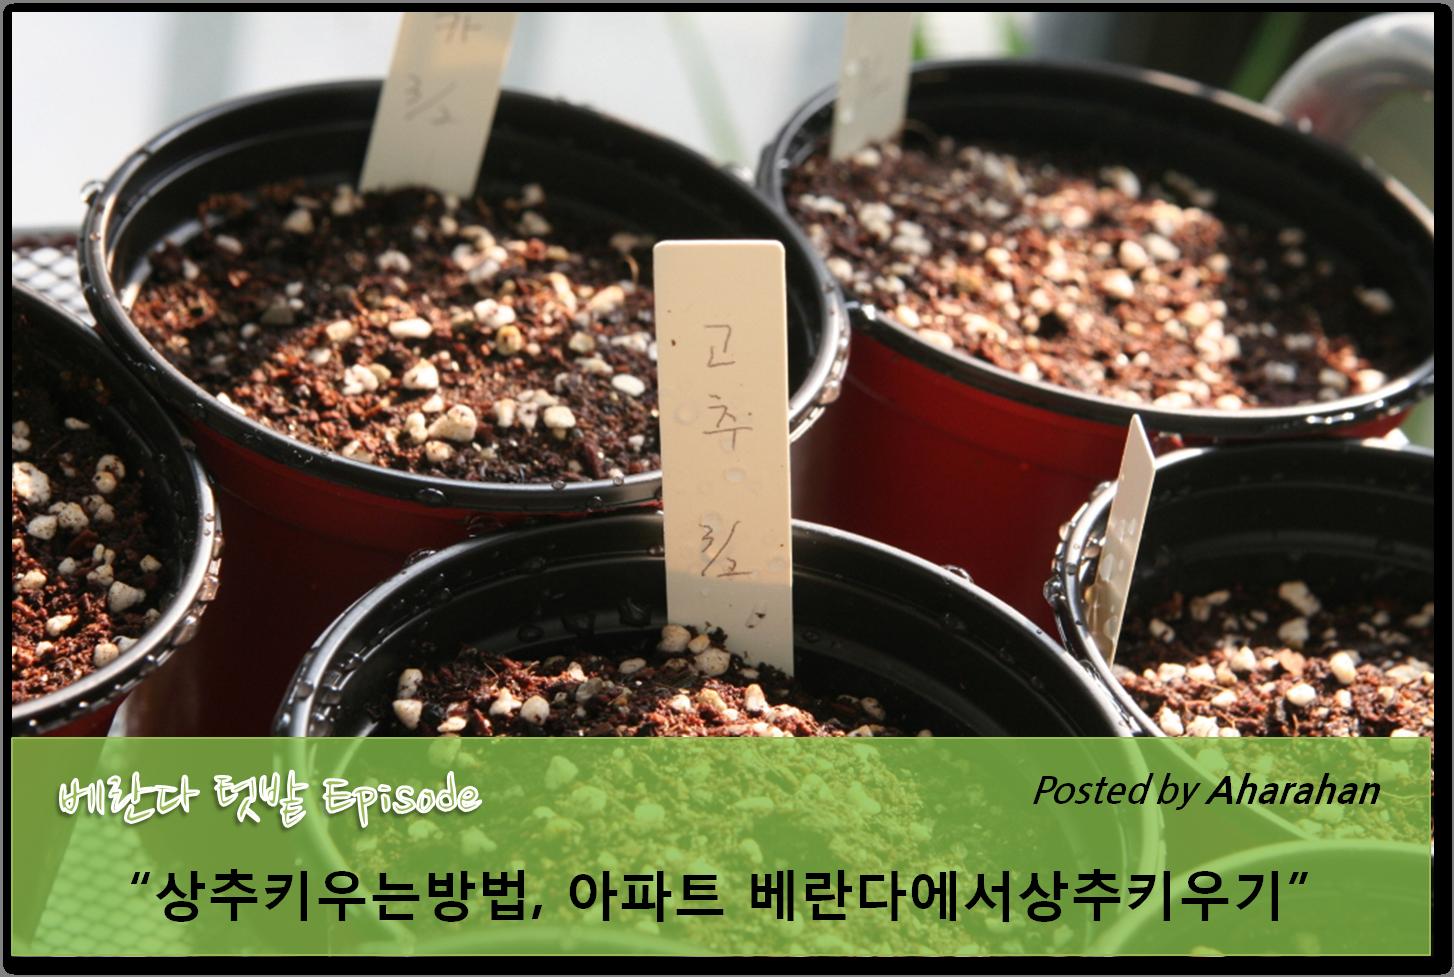 베란다채소밭) 상추키우는방법, 아파트 베란다를 채소밭, 상추키우기